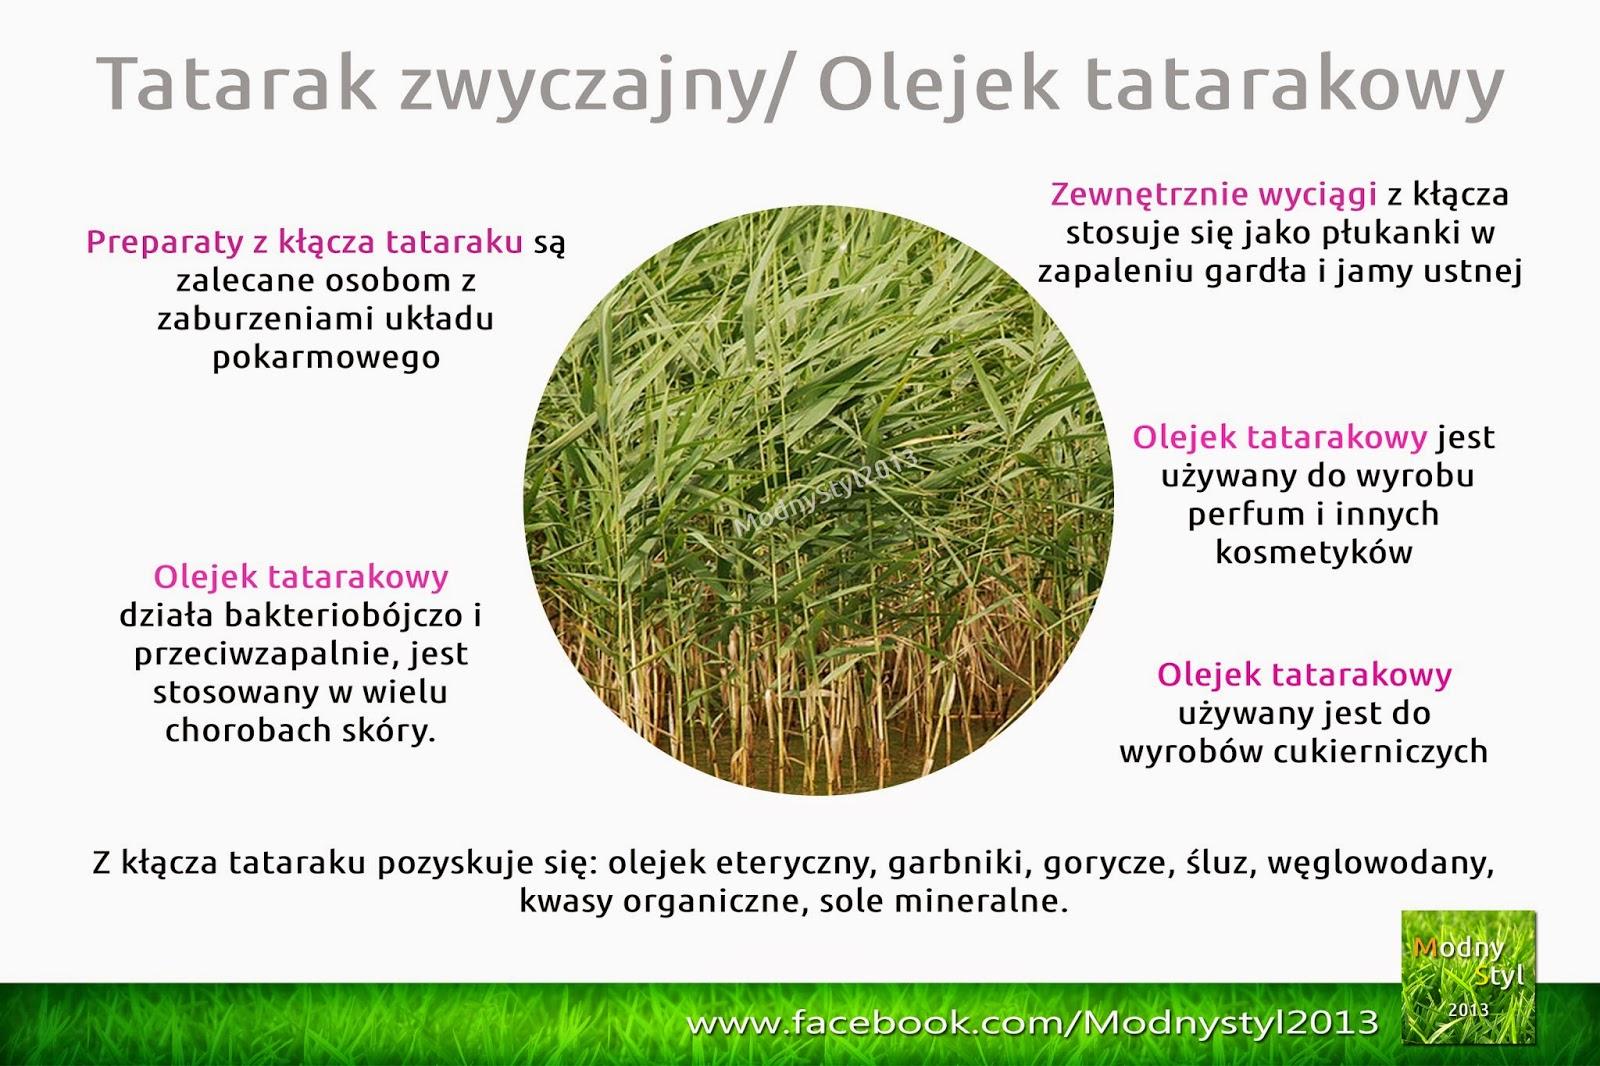 Tatarak / Olejek tatarakowy